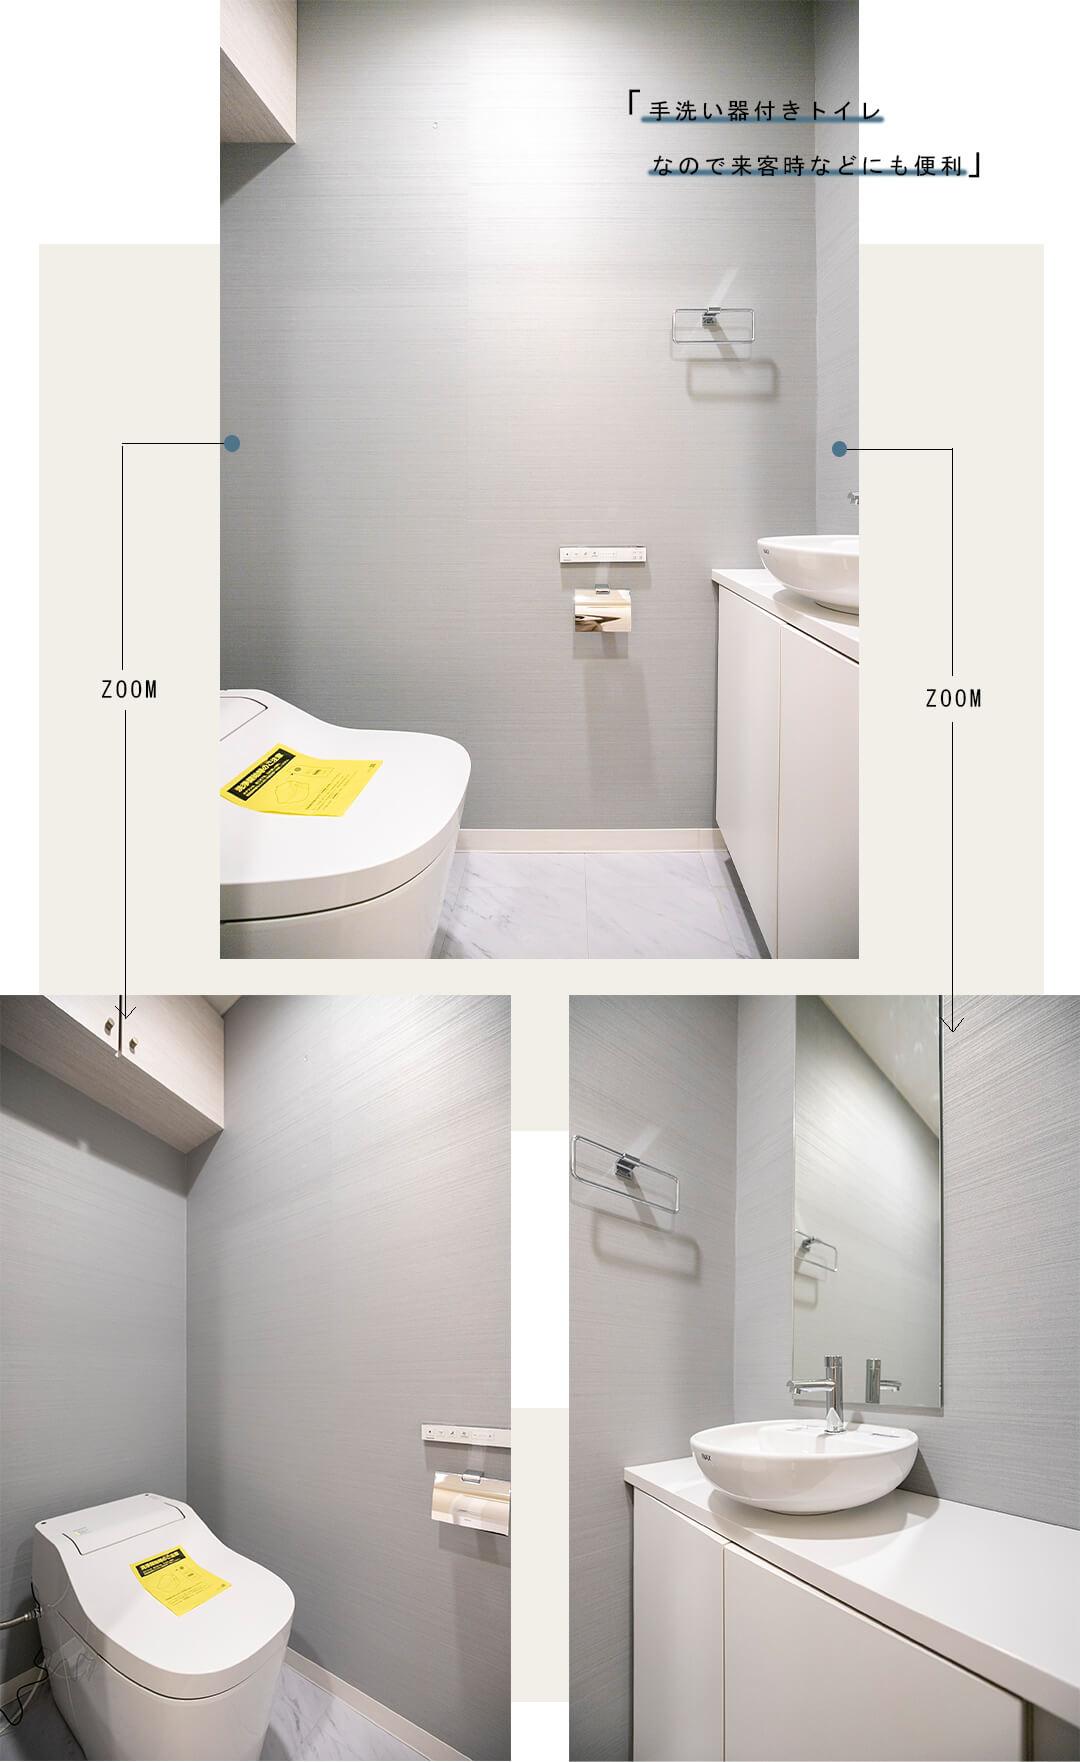 世田谷ピロティのトイレ